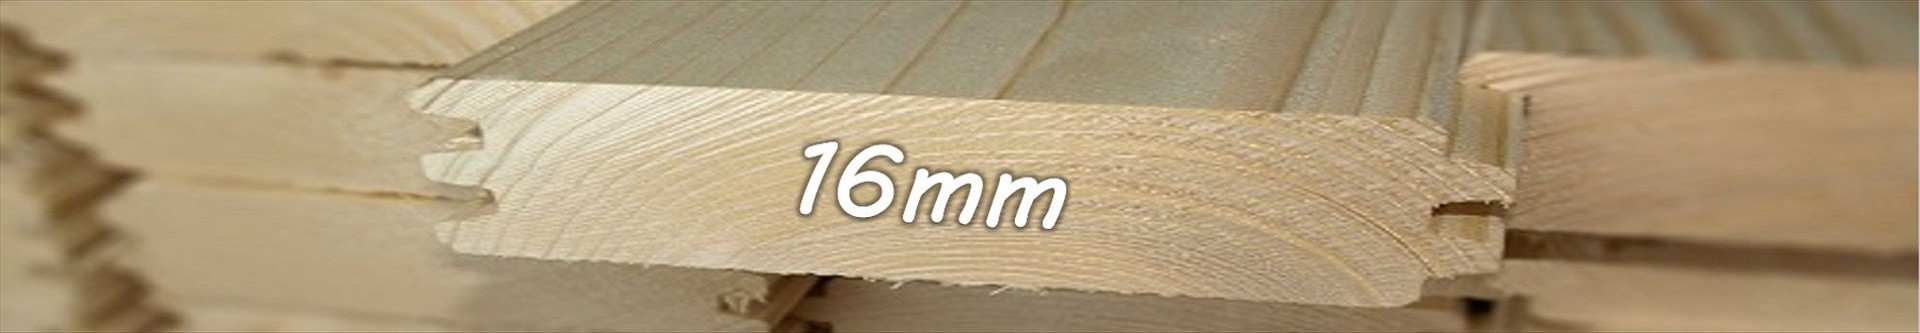 Gruix 16 mm